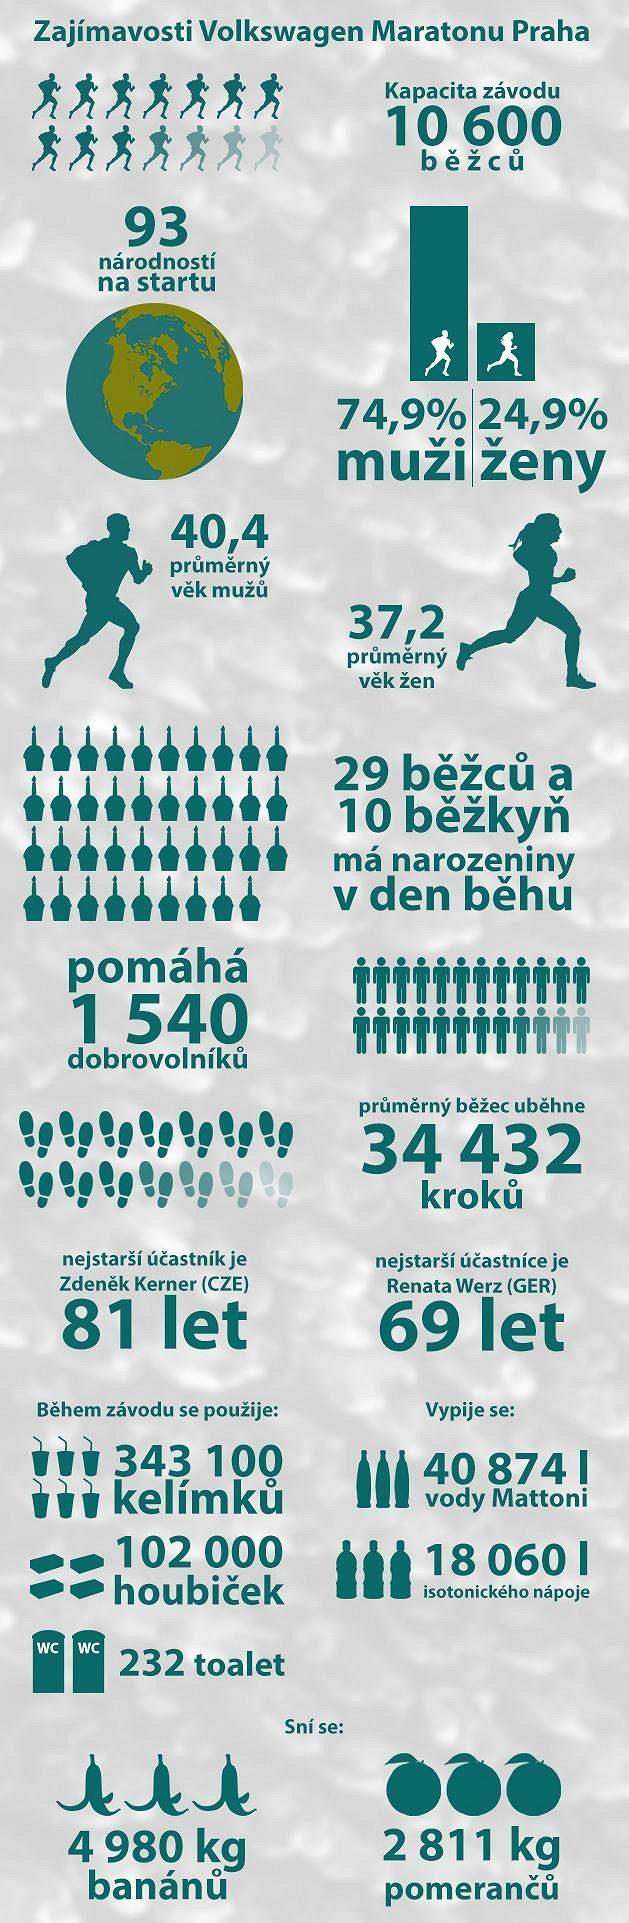 Volkswagen Maraton Praha: Přehled zajímavostí